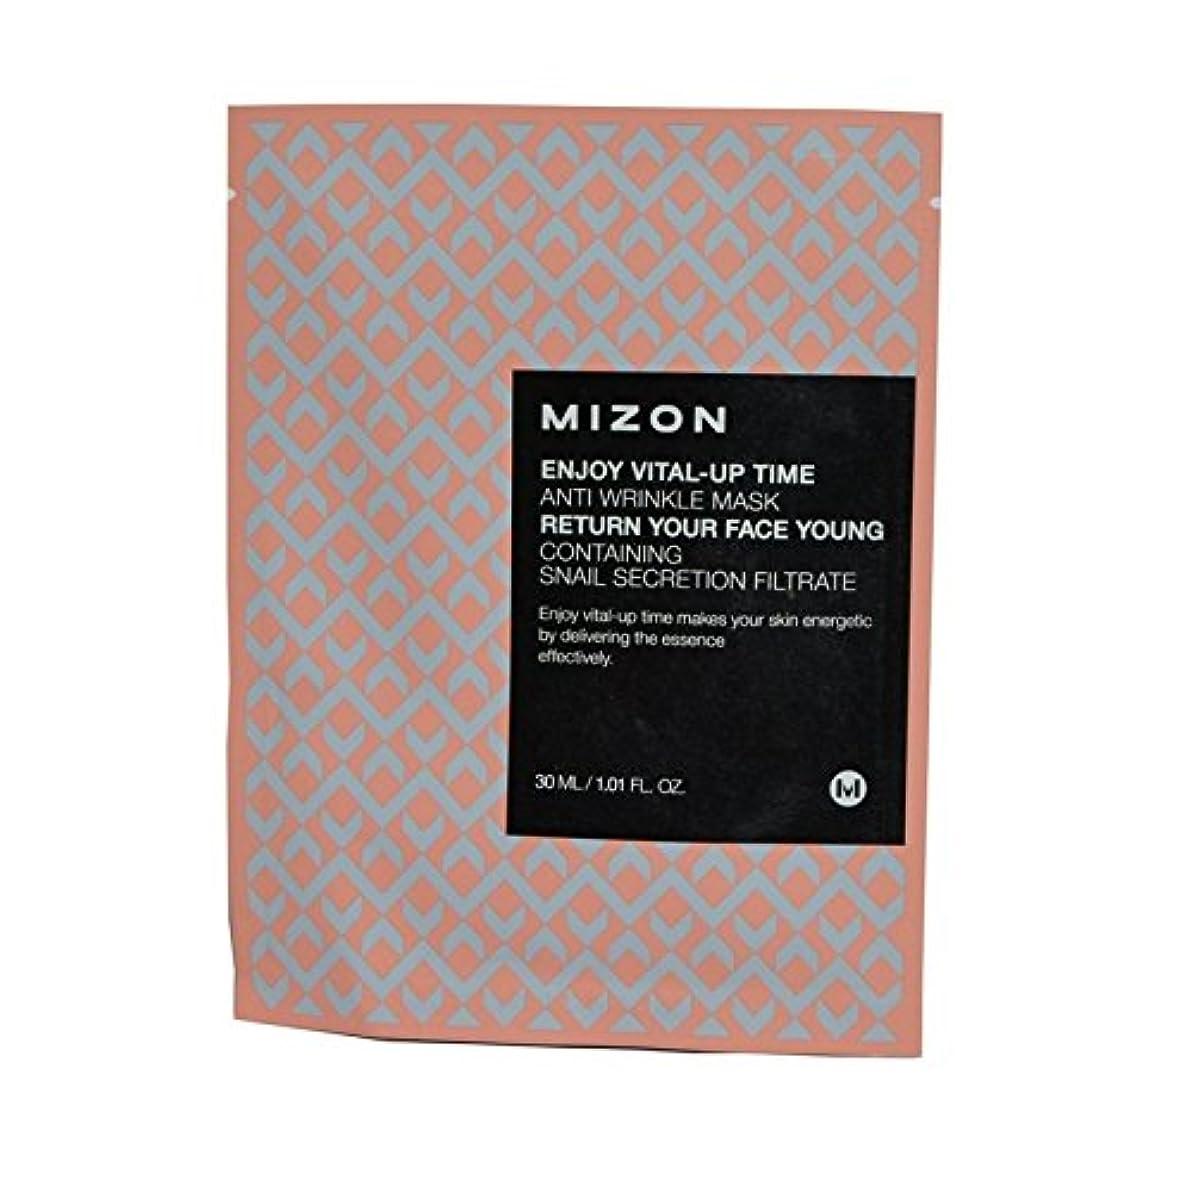 考古学的なテレックス更新するが不可欠アップ時間抗しわマスクを楽しみます x2 - Mizon Enjoy Vital Up Time Anti-Wrinkle Mask (Pack of 2) [並行輸入品]